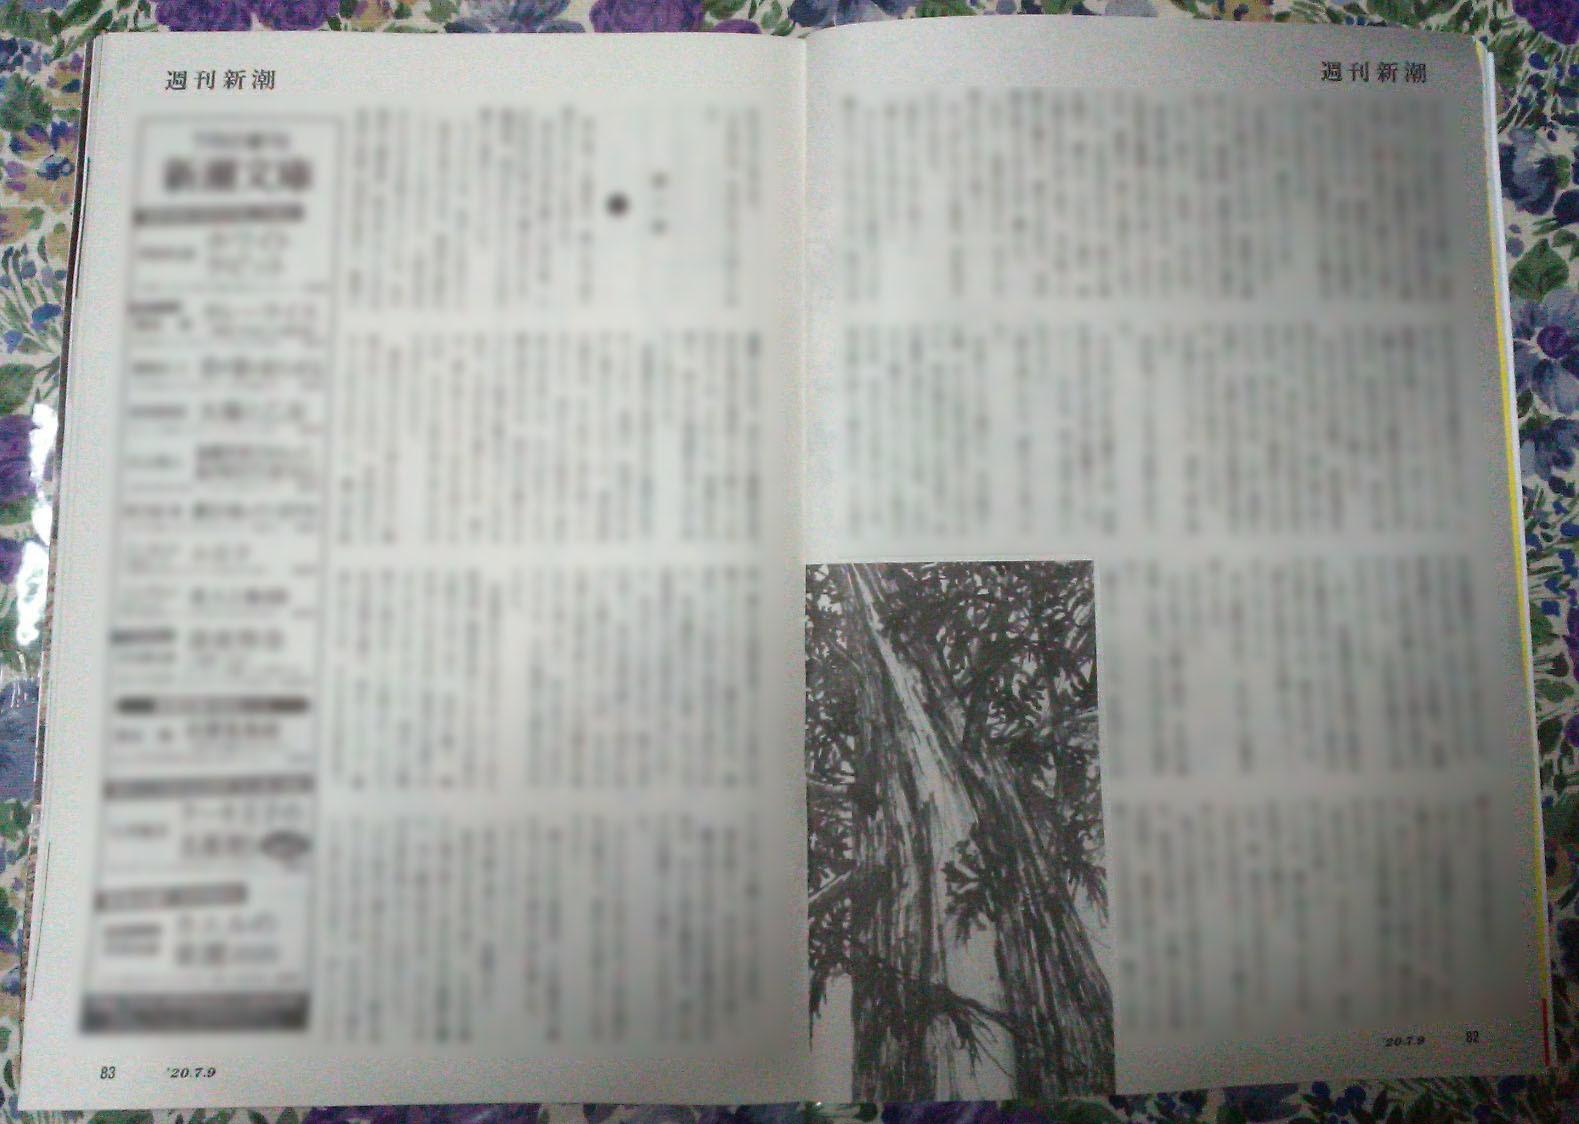 週刊新潮「雷神」挿絵 第26回_b0136144_22053811.jpg